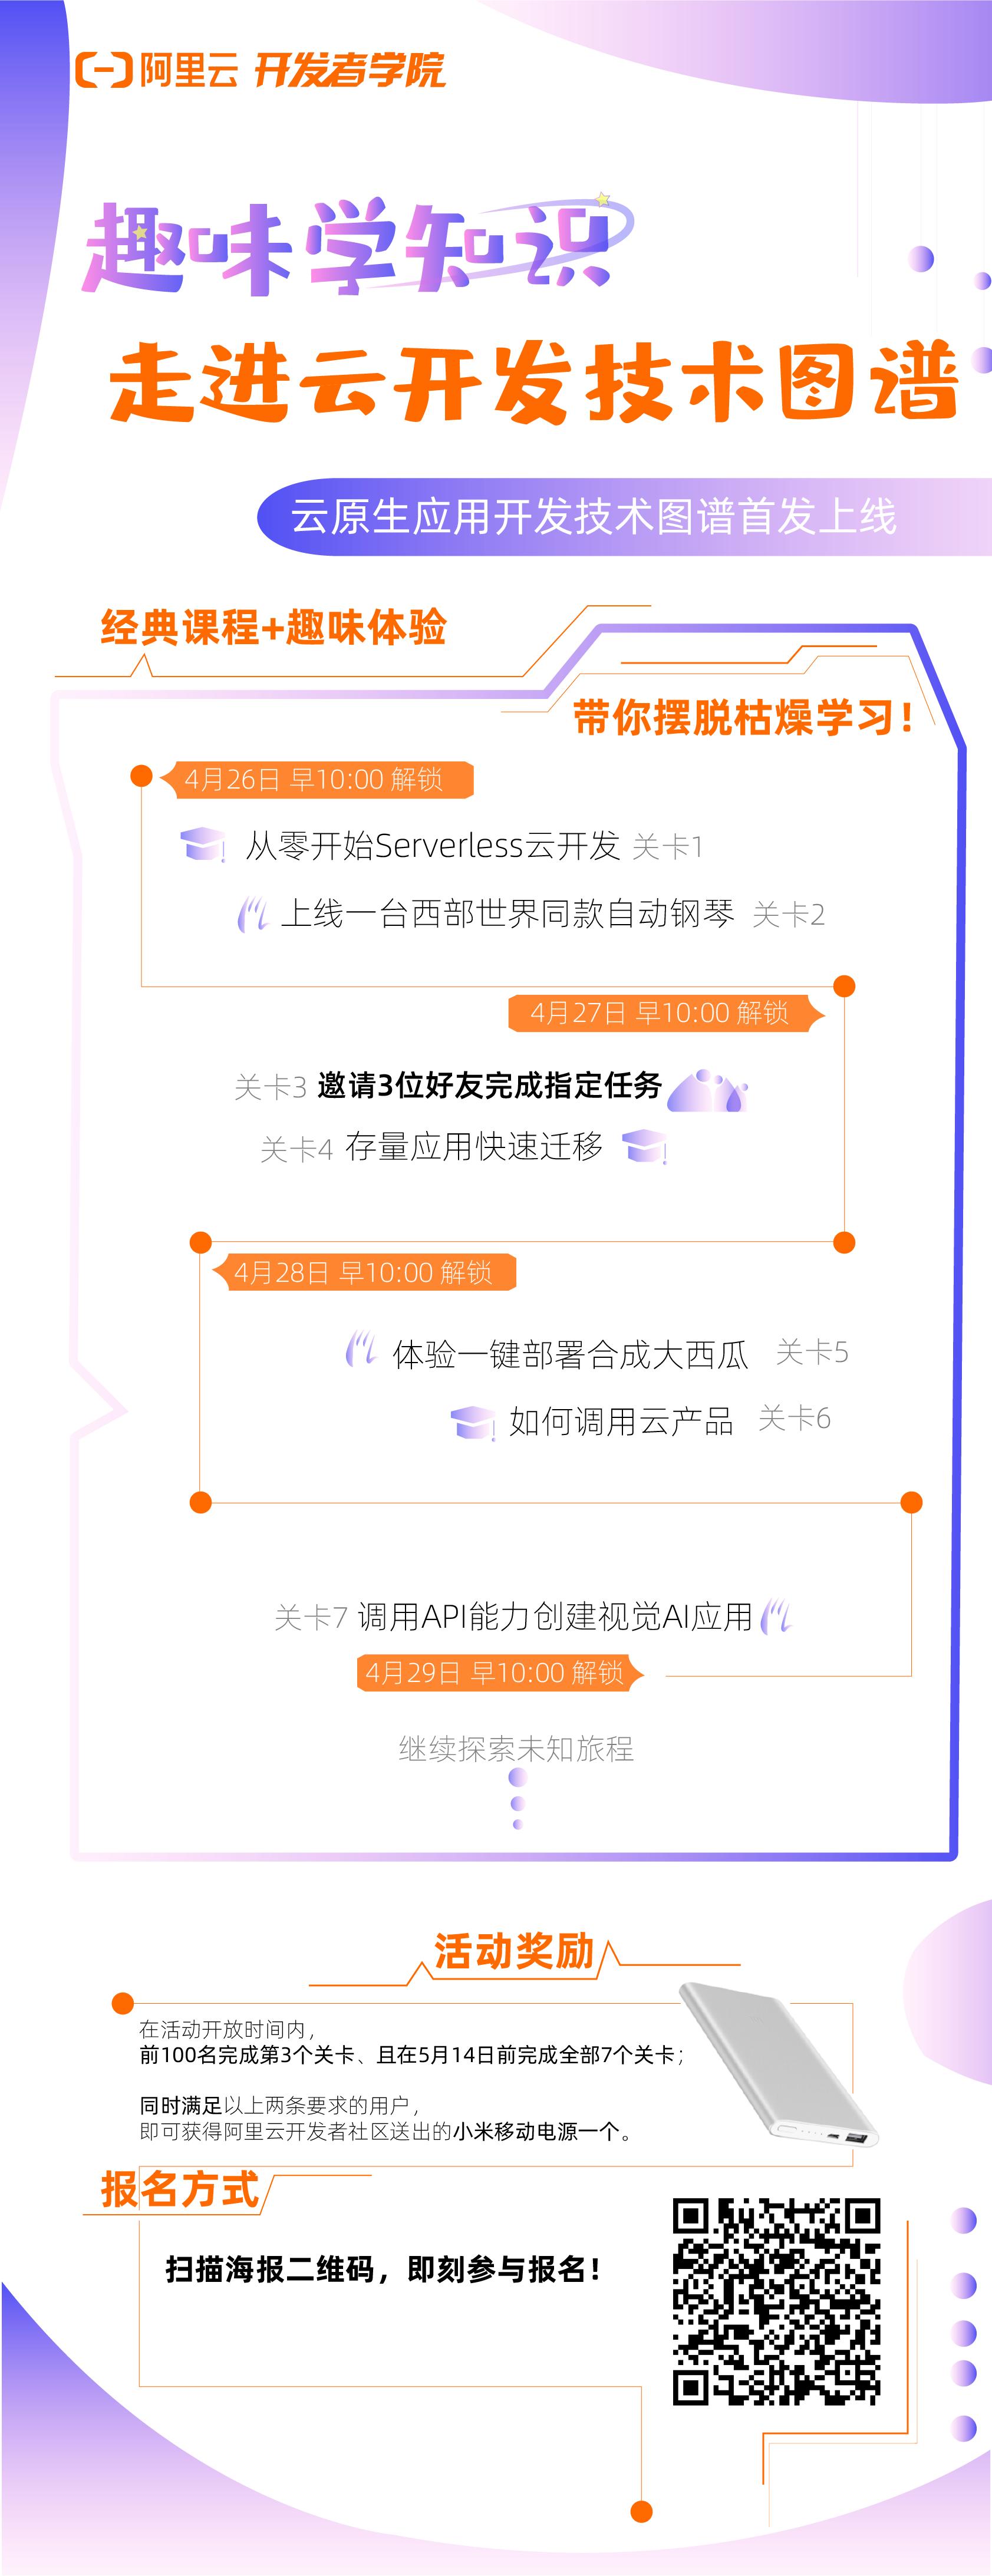 海报-改任务后新版.png